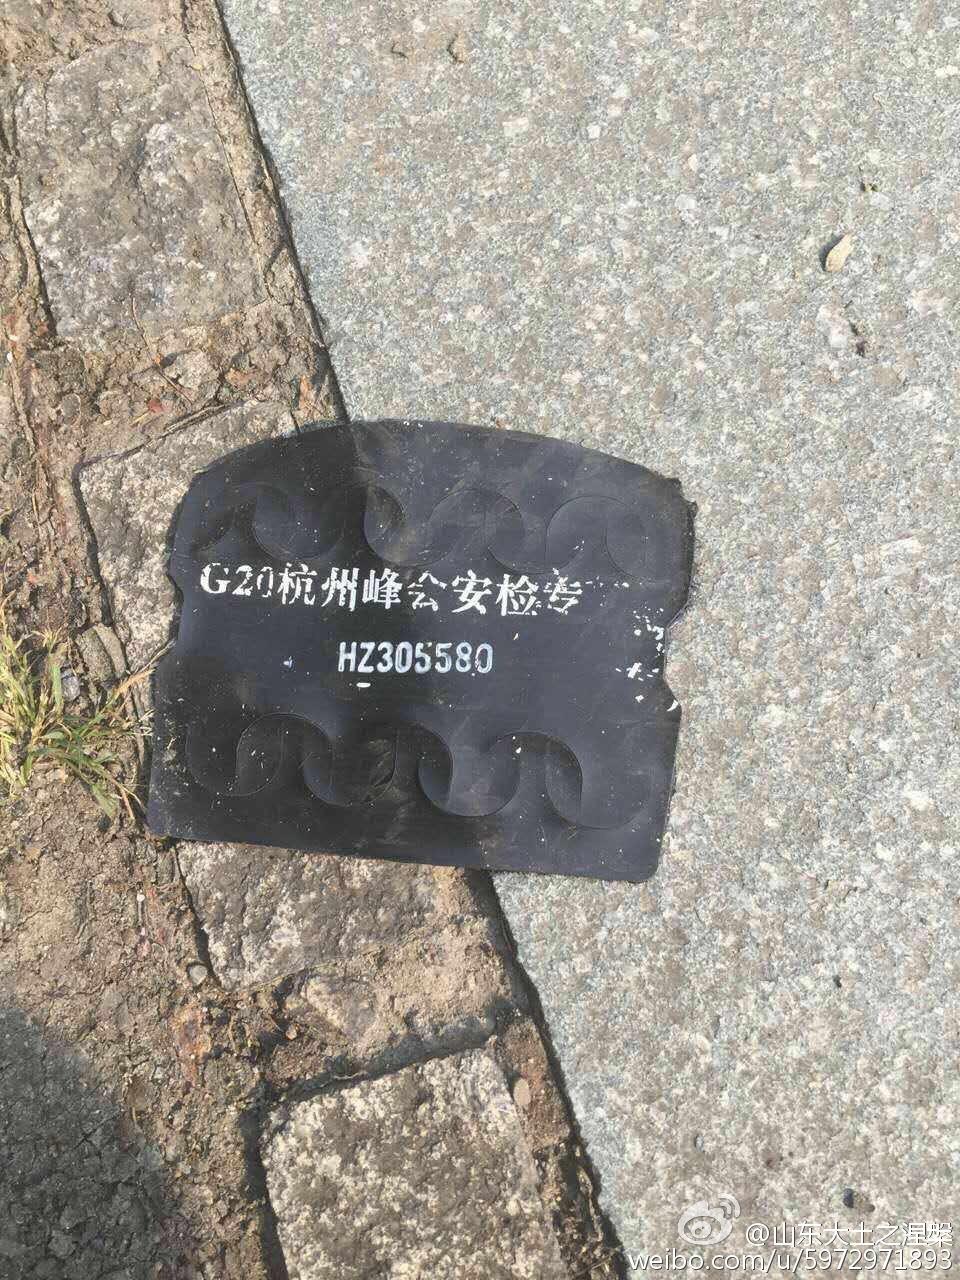 【图说天朝】石块贴封条:杭州G20排爆检查